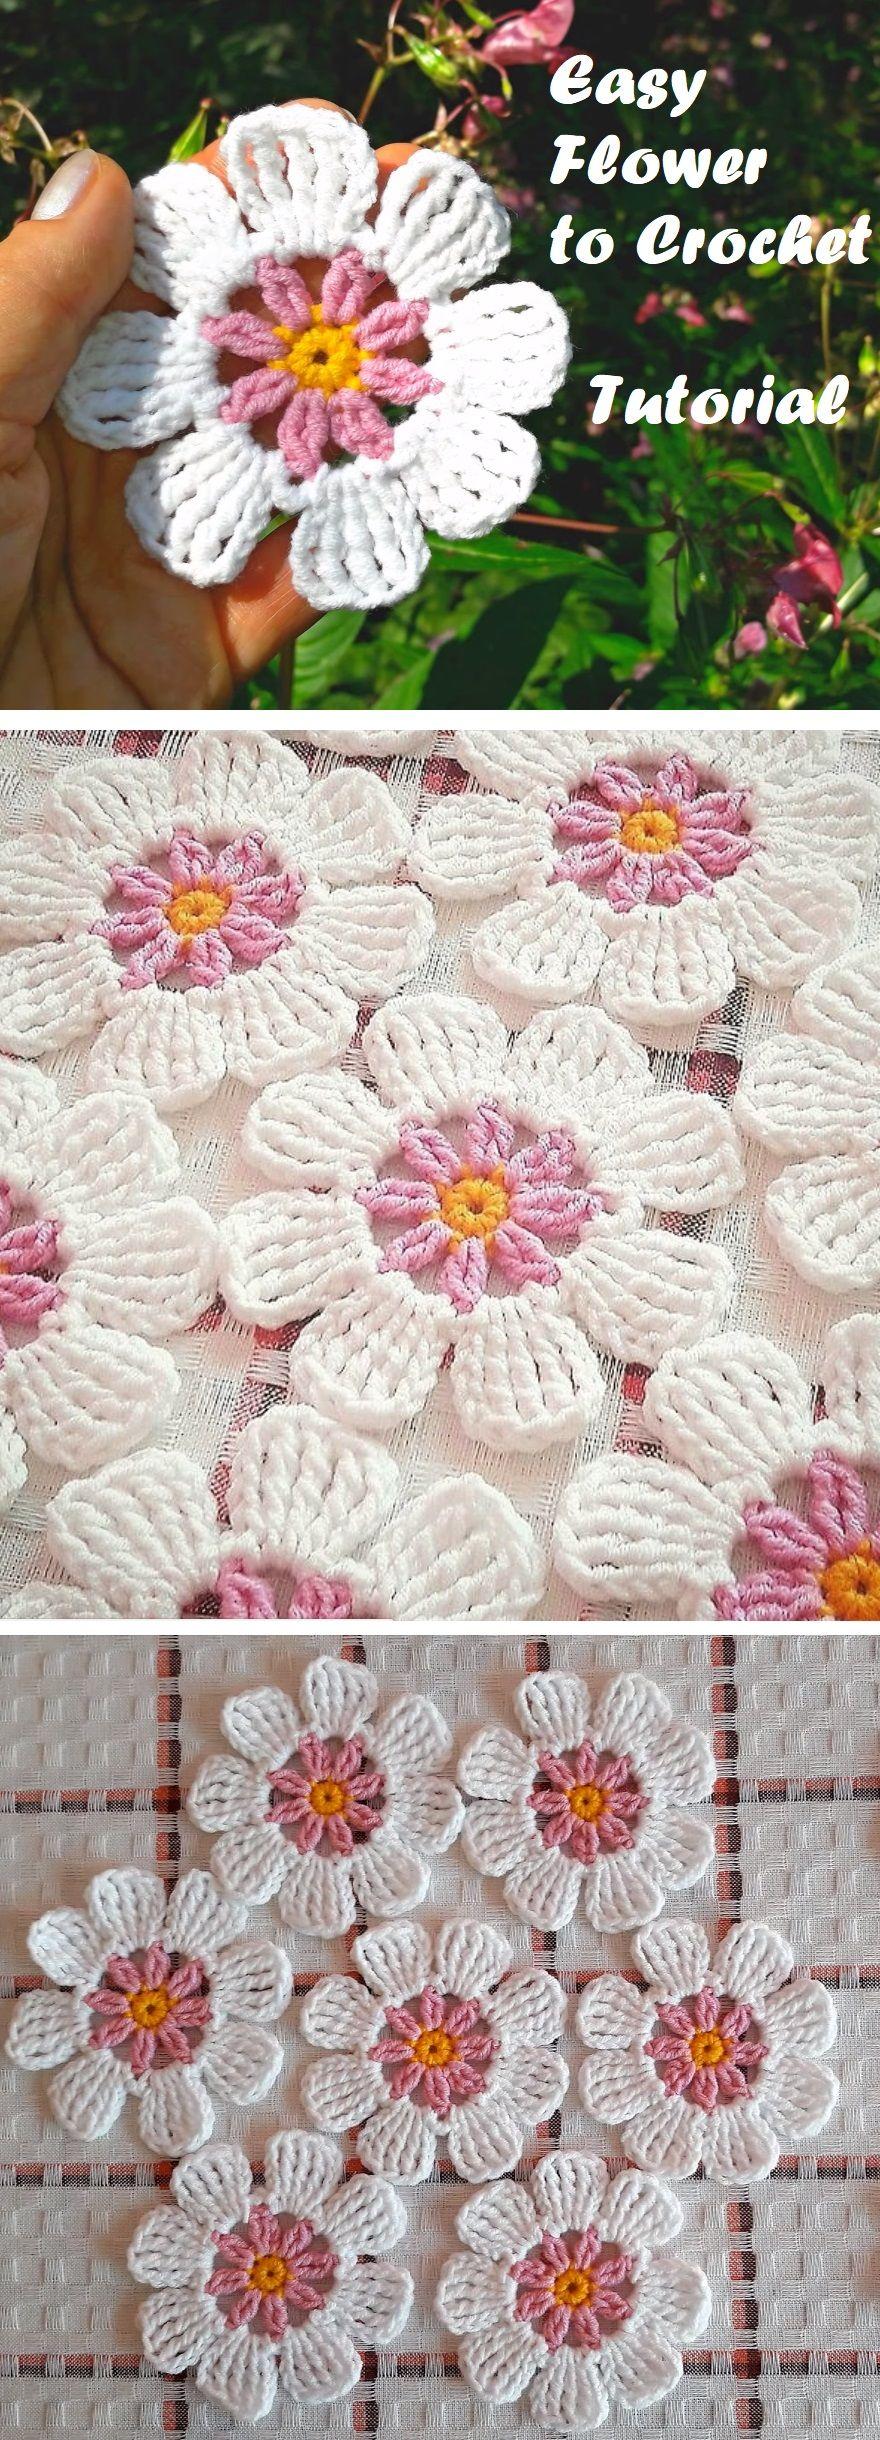 Easy Crochet Flower Tutorial   kwiaty szydełkowe   Pinterest ...